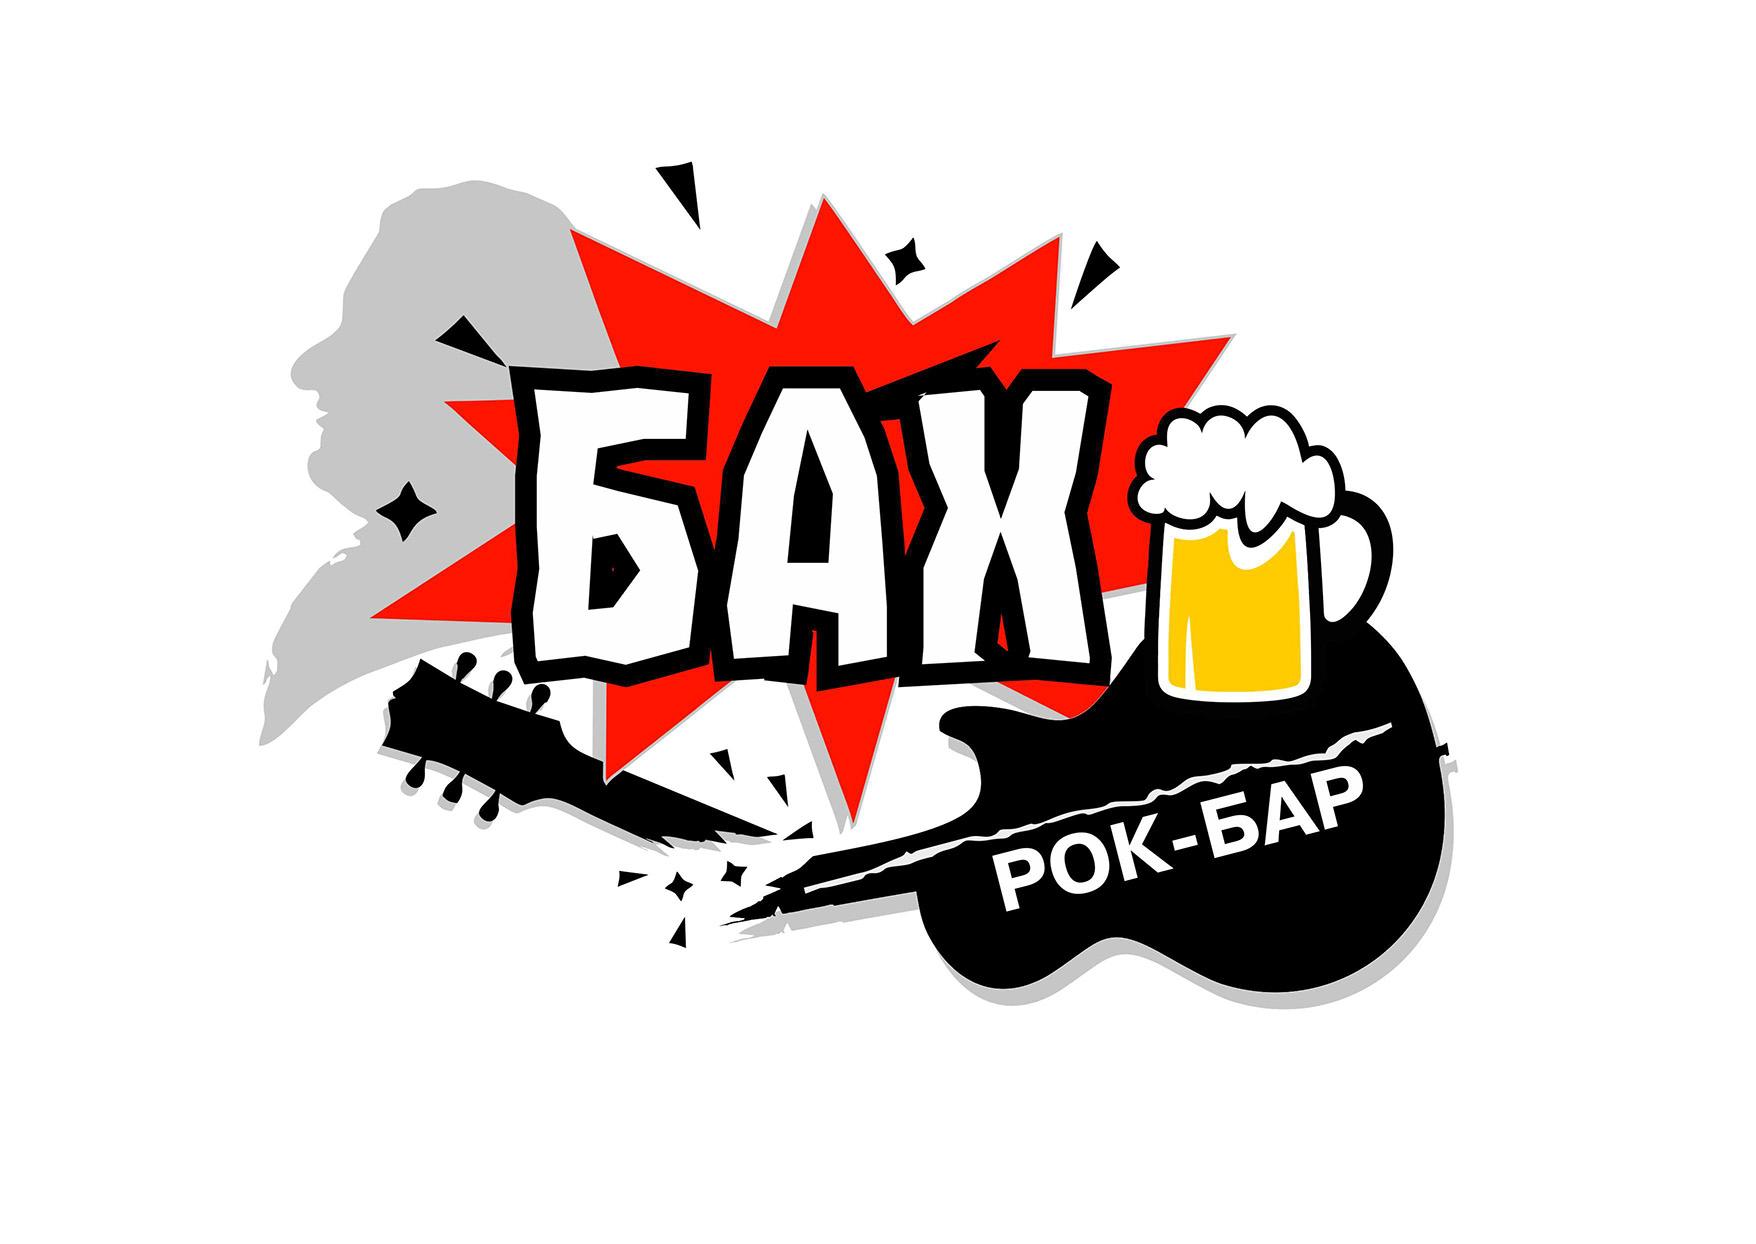 """Разработать логотип и вывеску рок-бару """"Бах"""" фото f_58159b1b49d89dea.jpg"""